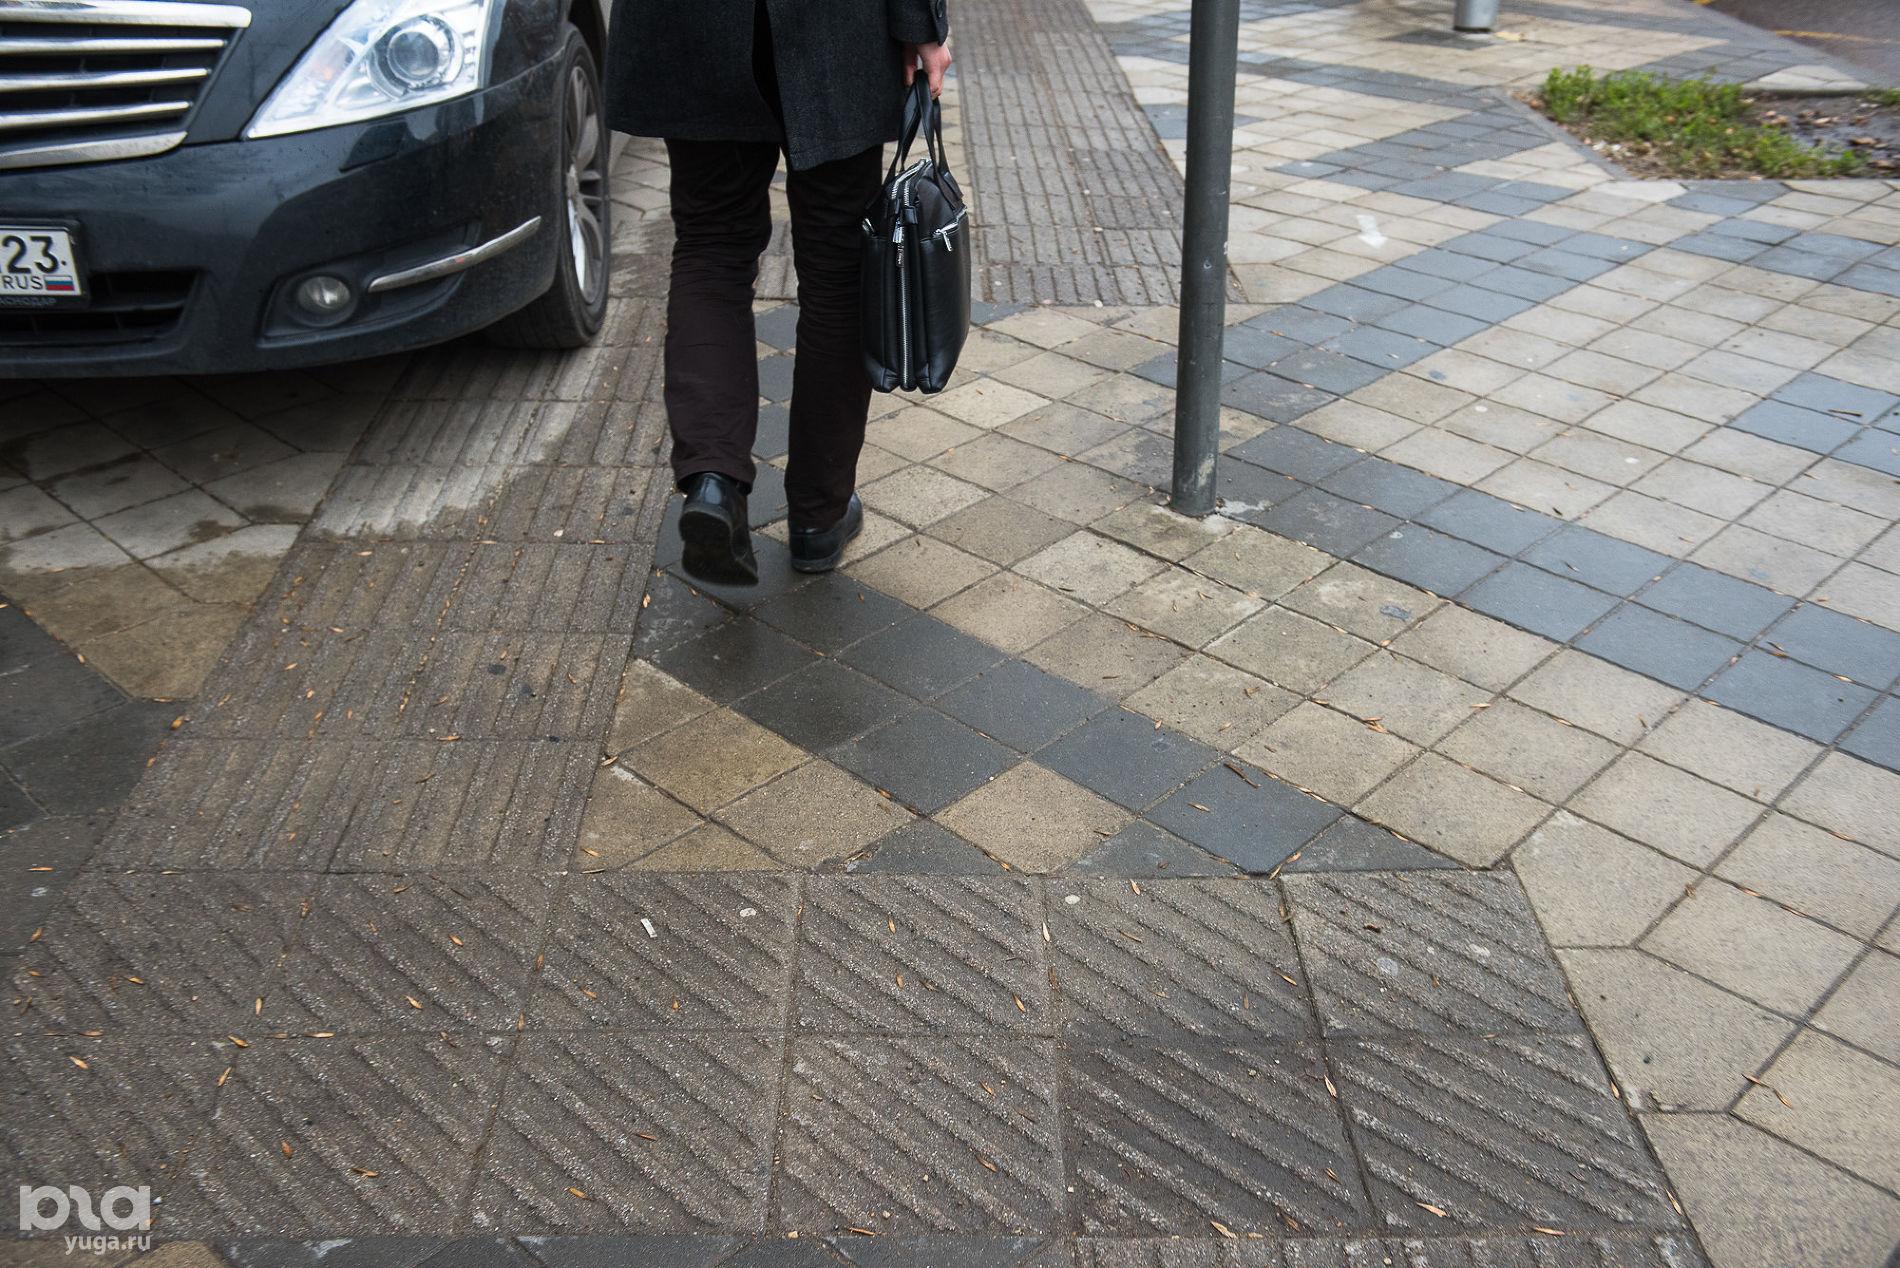 Направляющая плитка и плитка, обозначающая поворот маршрута ©Фото Елены Синеок, Юга.ру